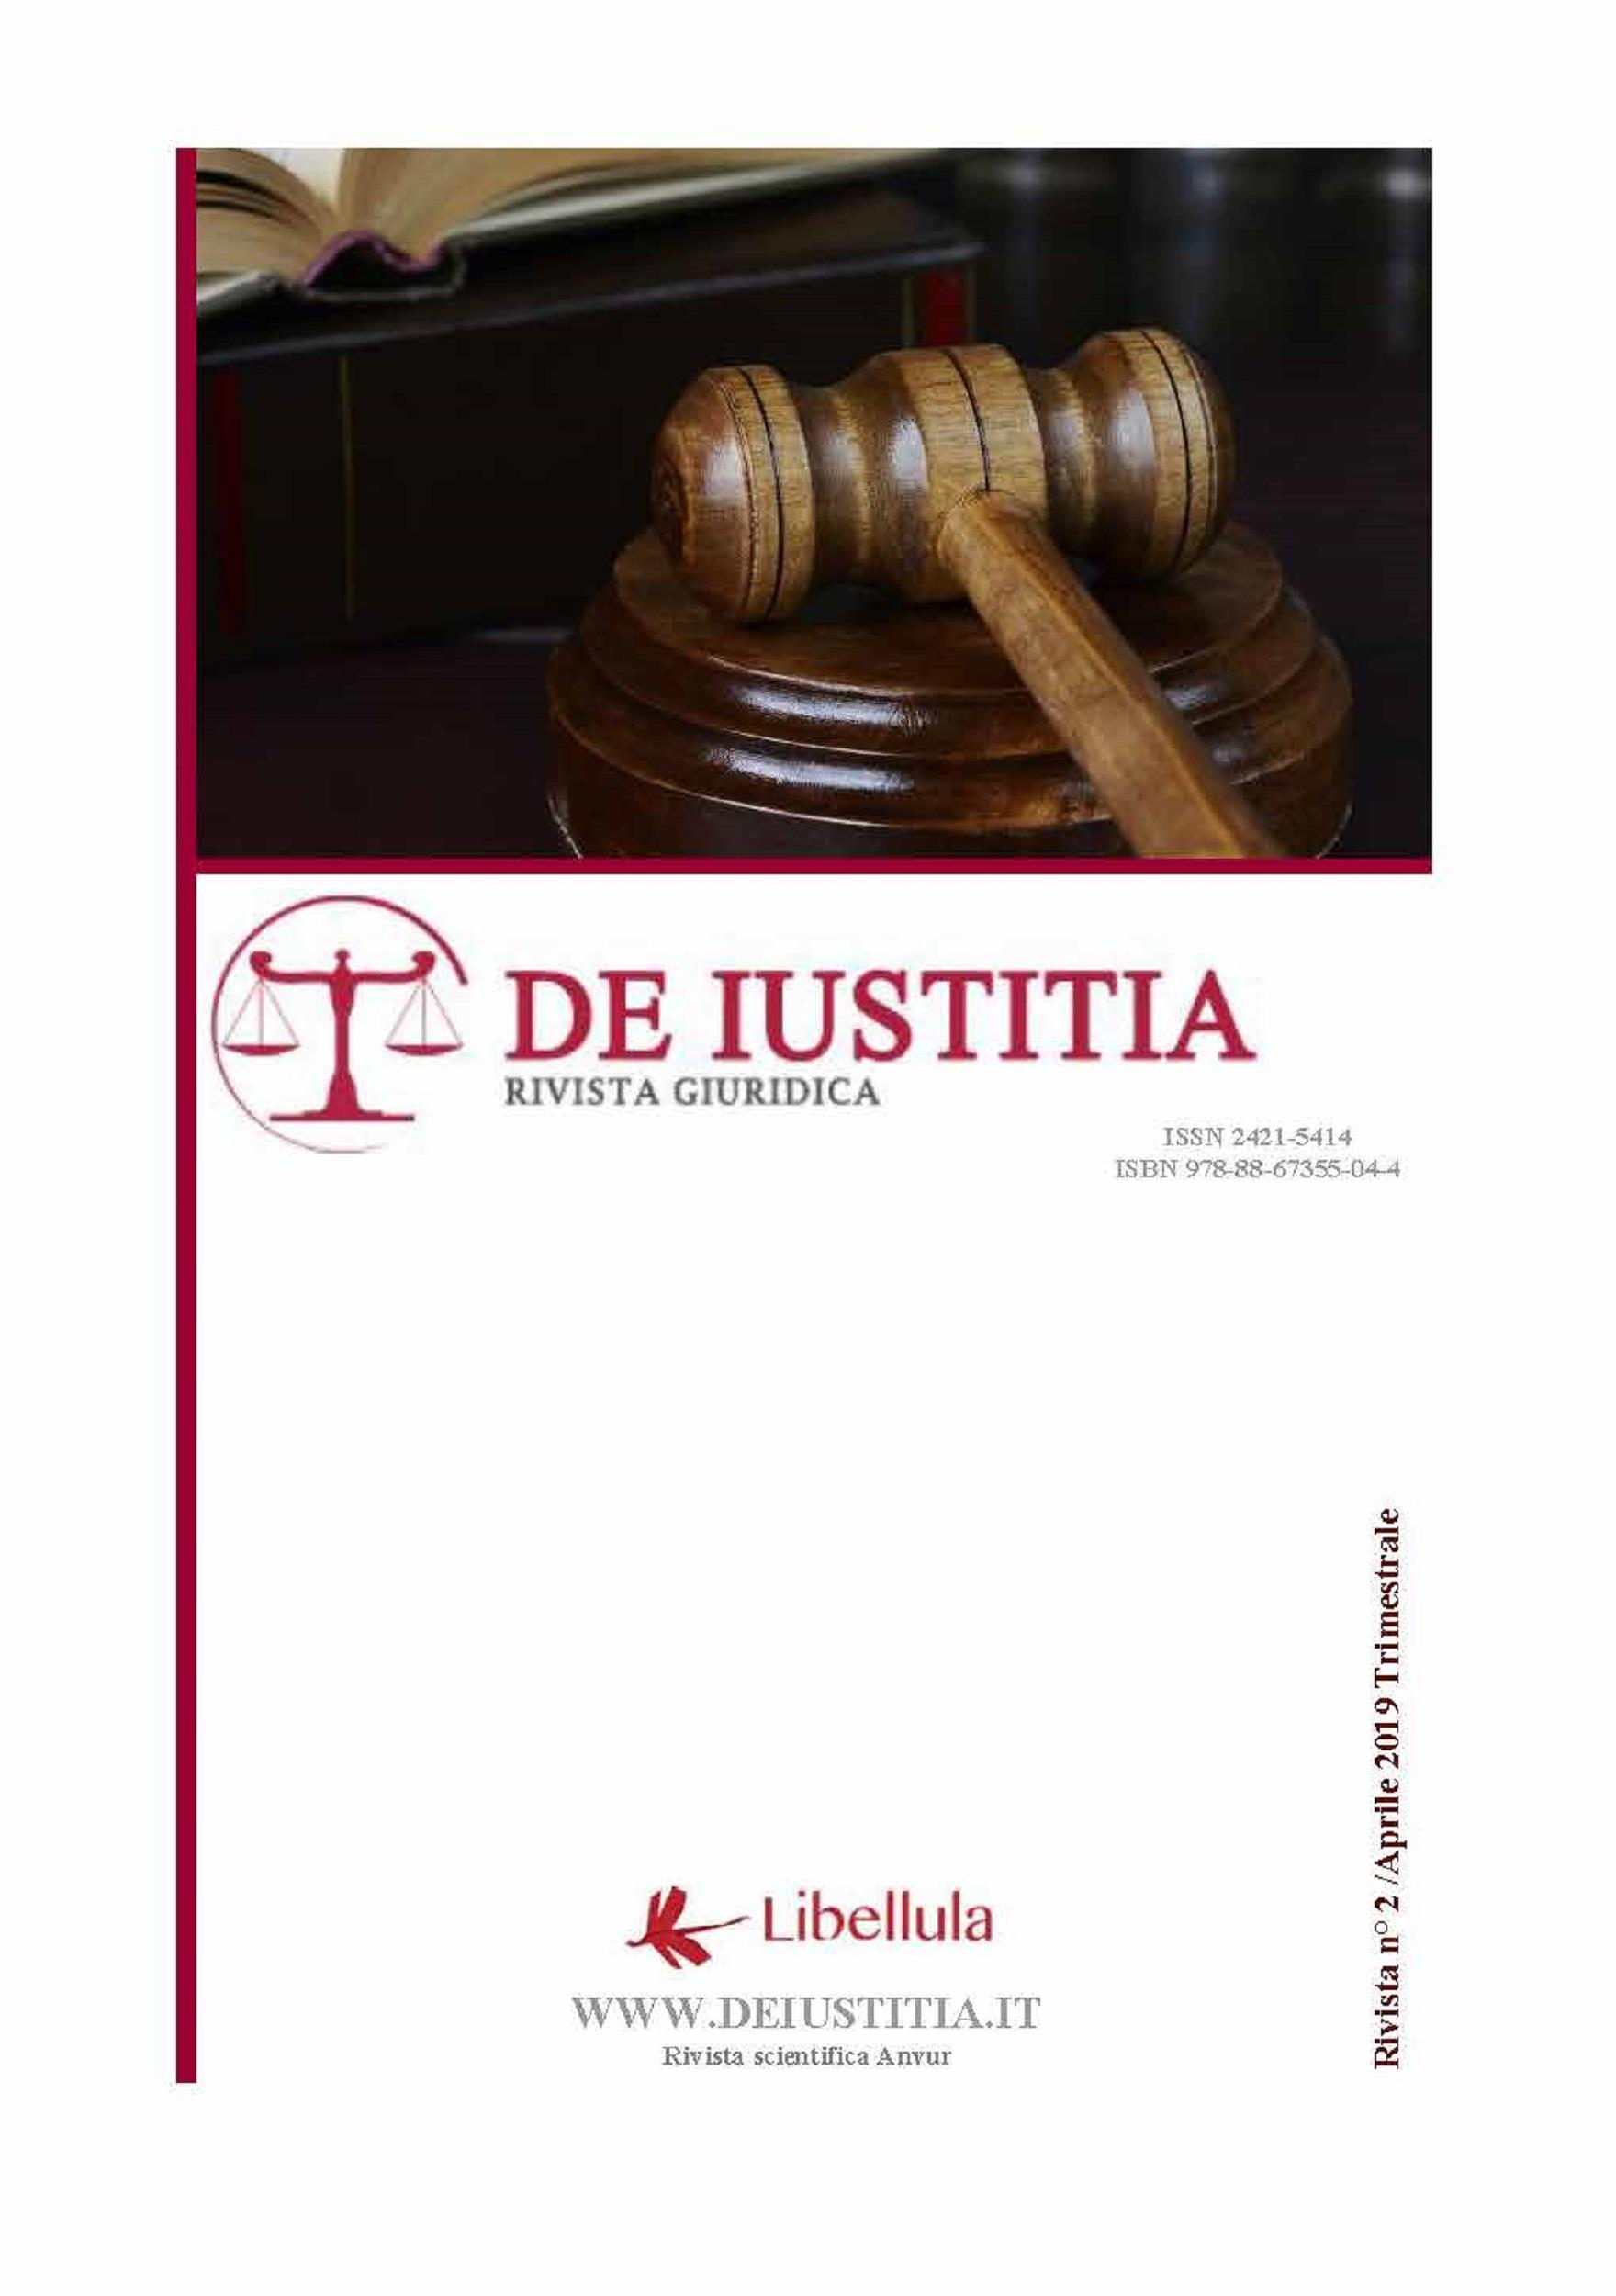 De Iustitia - Rivista di informazione giuridica maggio 2019